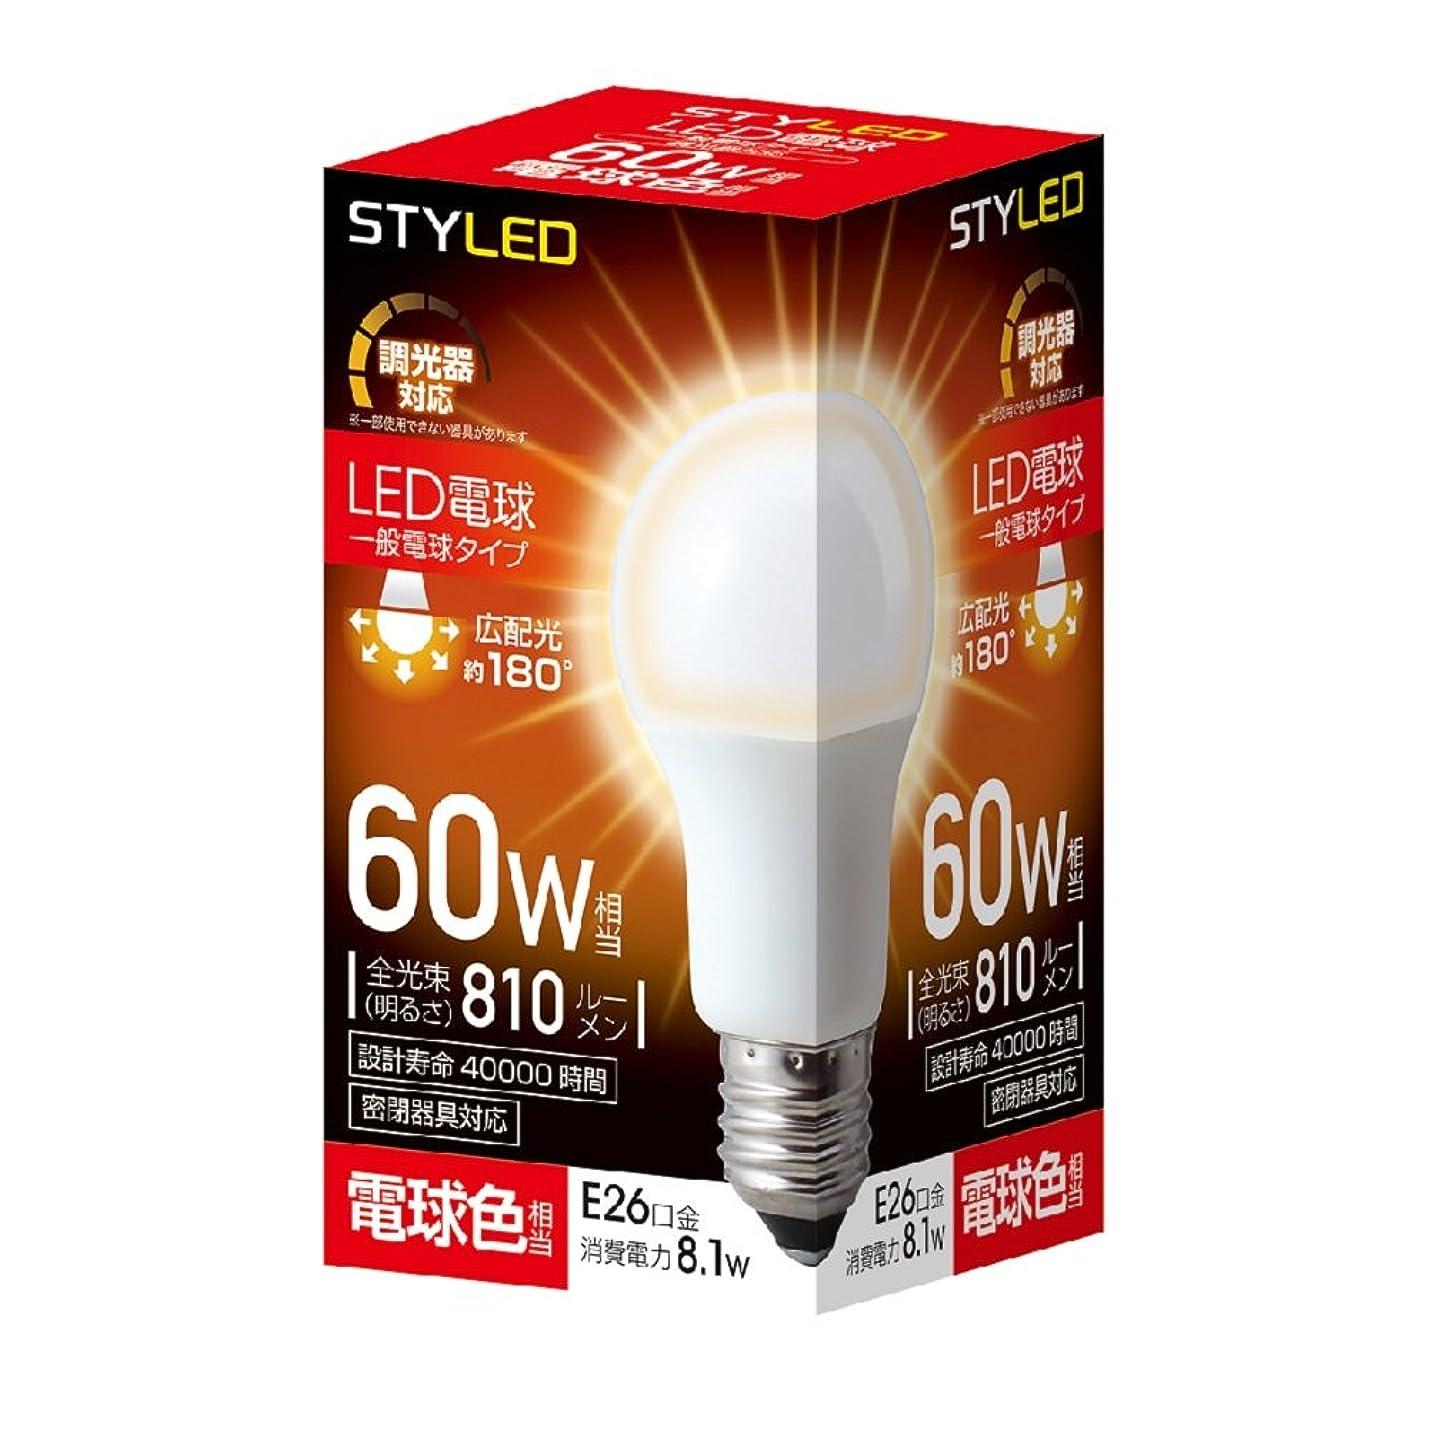 上がるもっと少なくデコレーションスタイルド LED電球 調光器対応 口金直径26mm 60W形相当 810ルーメン 電球色 広配光タイプ 密閉器具対応 RLA8D26L1